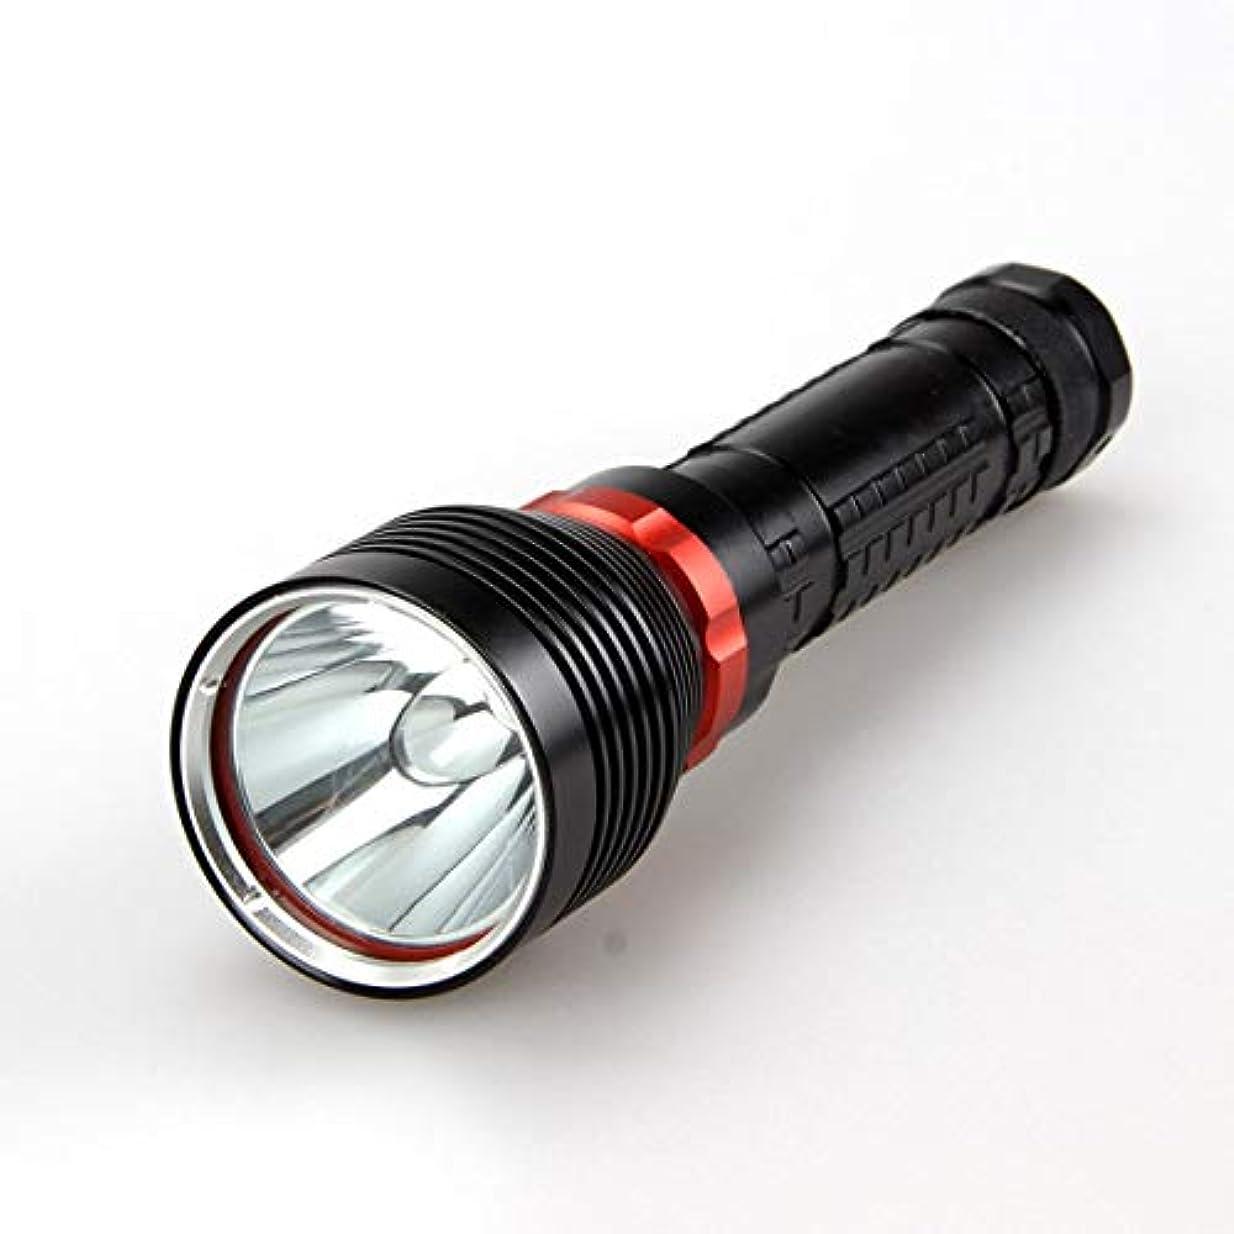 生産性主張するライオネルグリーンストリートL2 LEDスキューバダイビング懐中電灯防水グレア長距離射撃